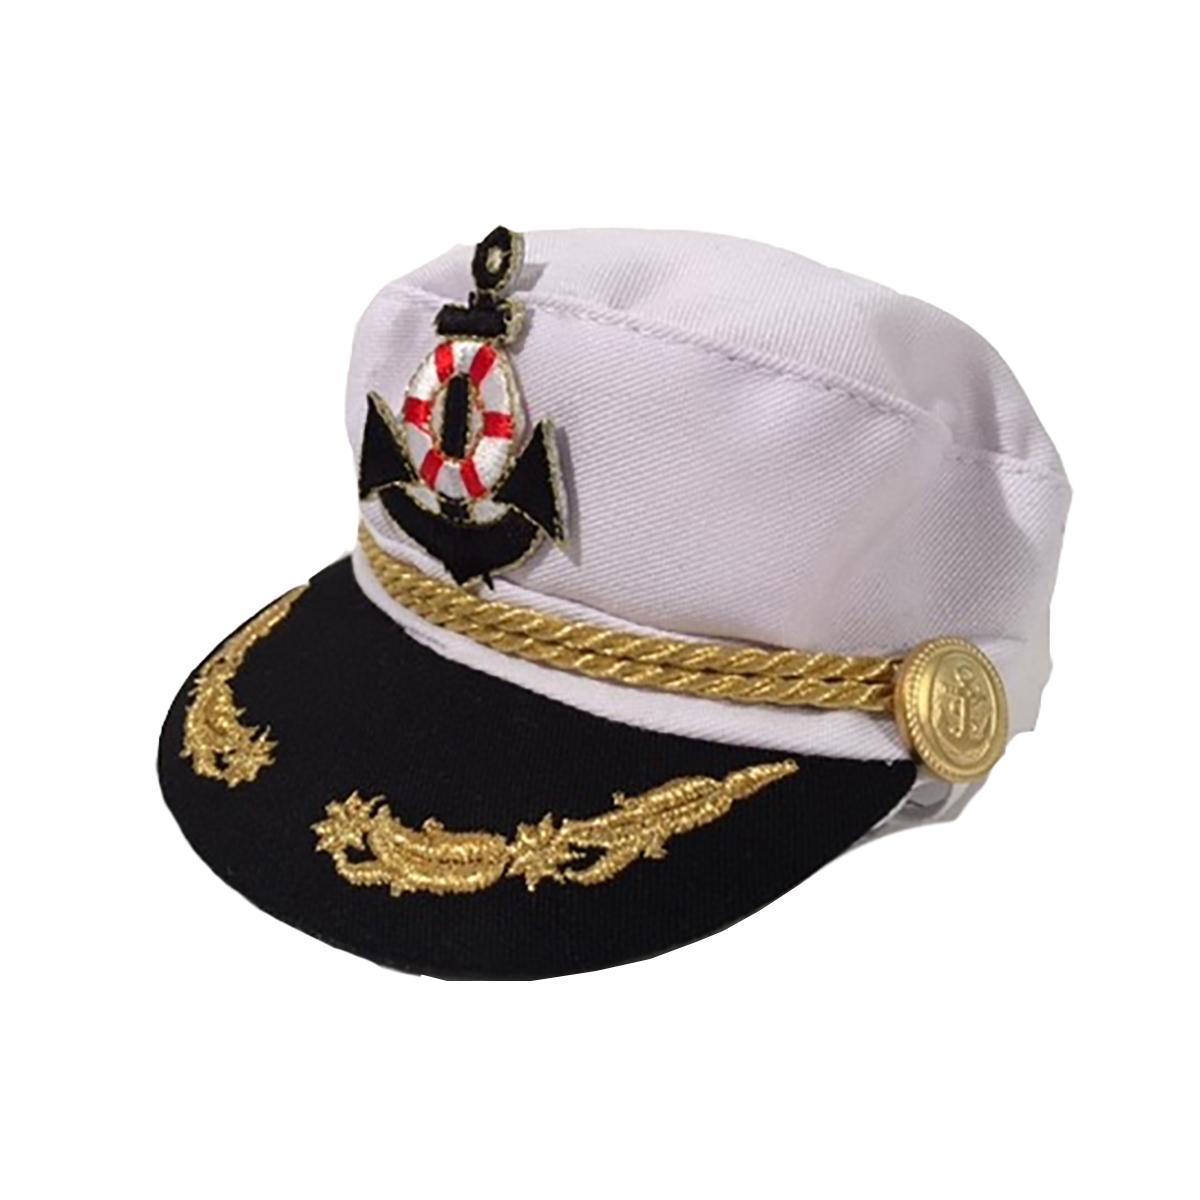 Admiral's Deluxe Dog Cap